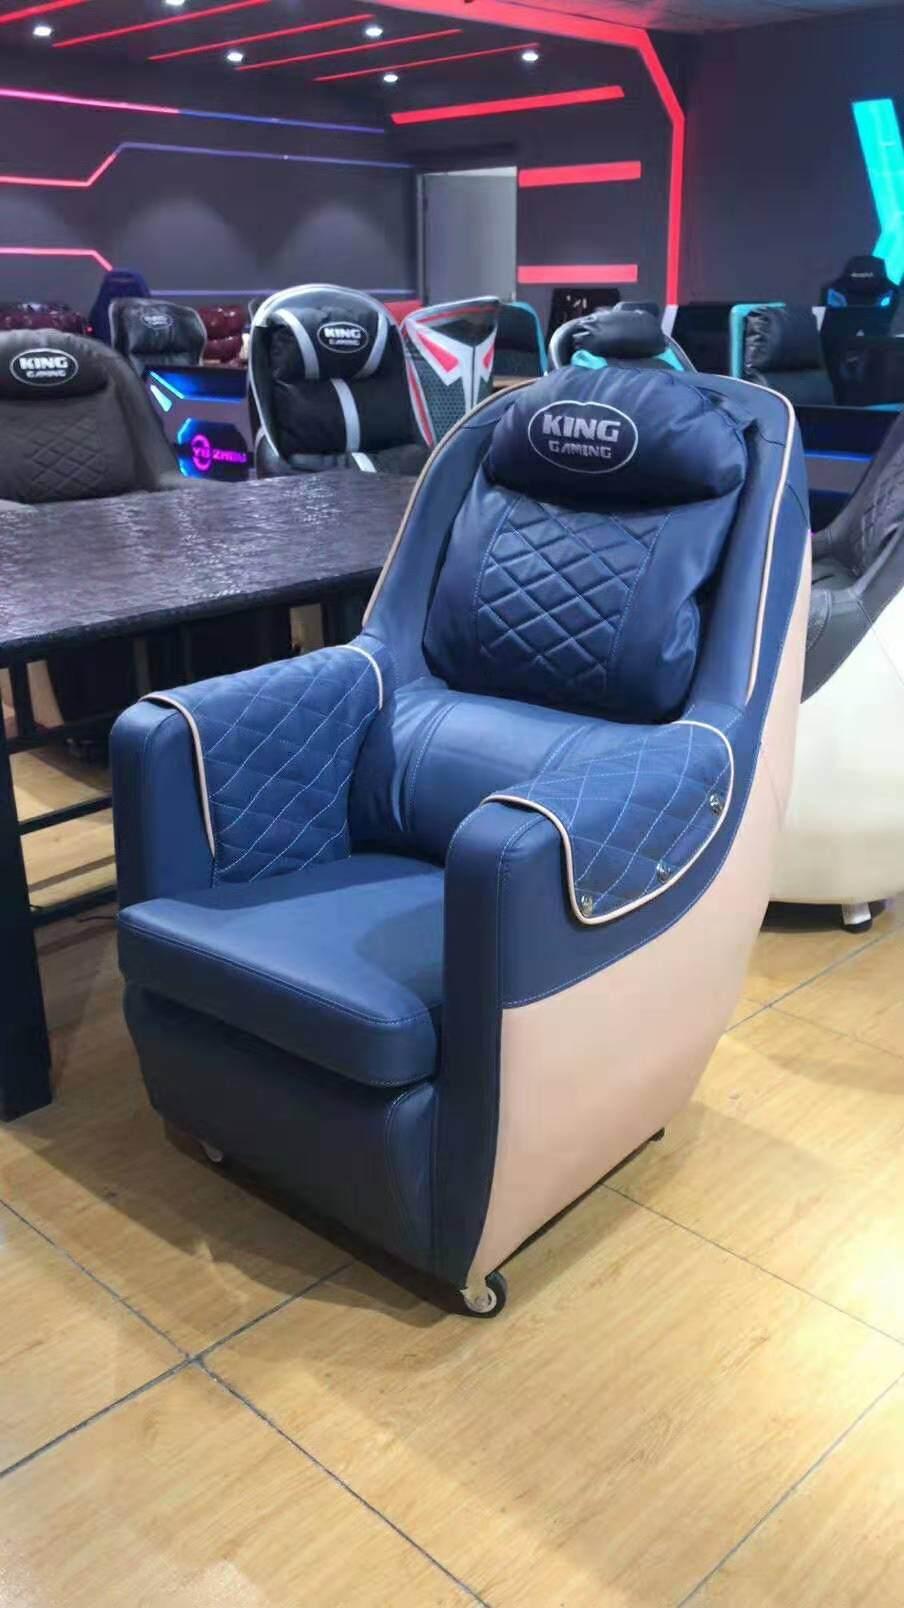 网吧网咖沙发椅嘿咖手游吧王者荣耀八爪鱼休闲电竞游戏电脑沙发椅